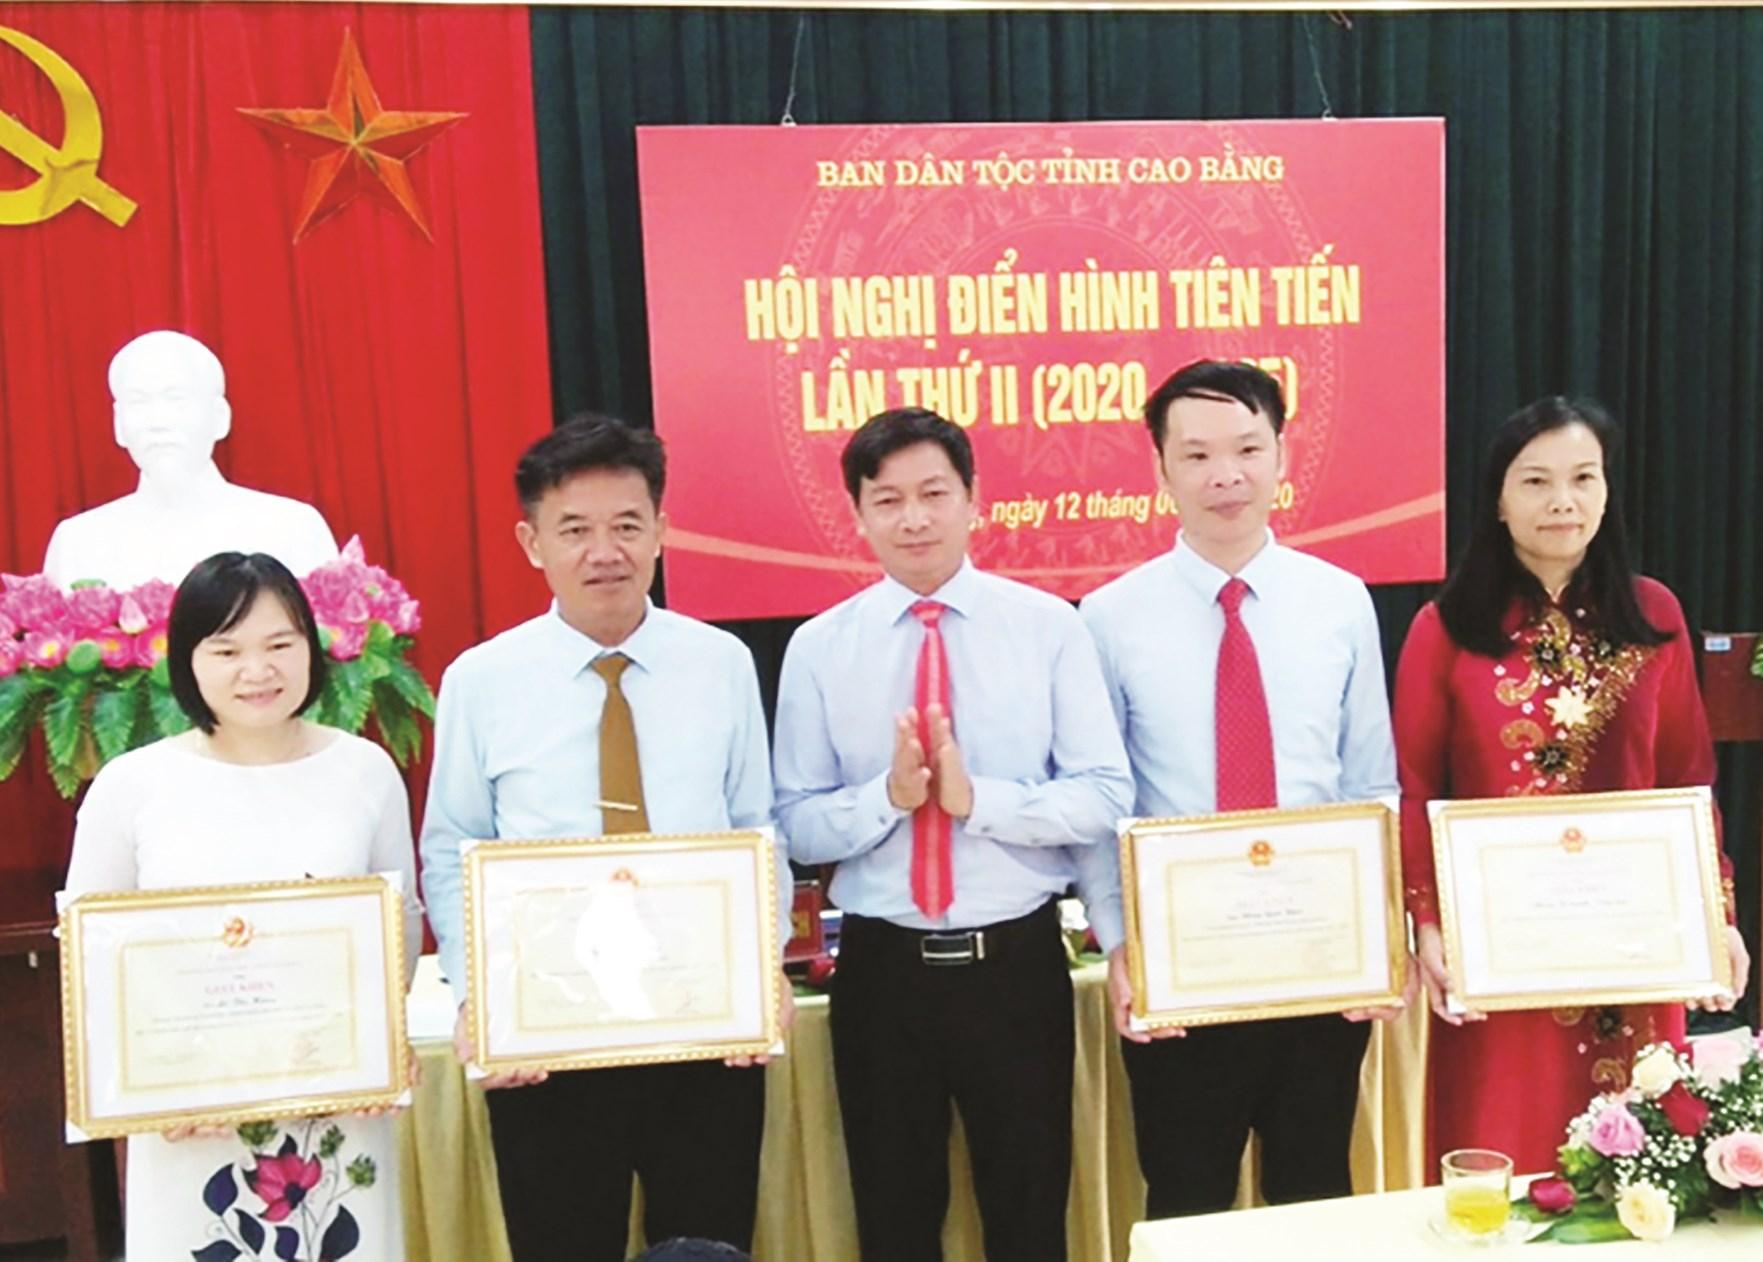 Trưởng Ban Dân tộc tỉnh Cao Bằng traoGiấy khen cho tập thể và cá nhân xuất sắc.